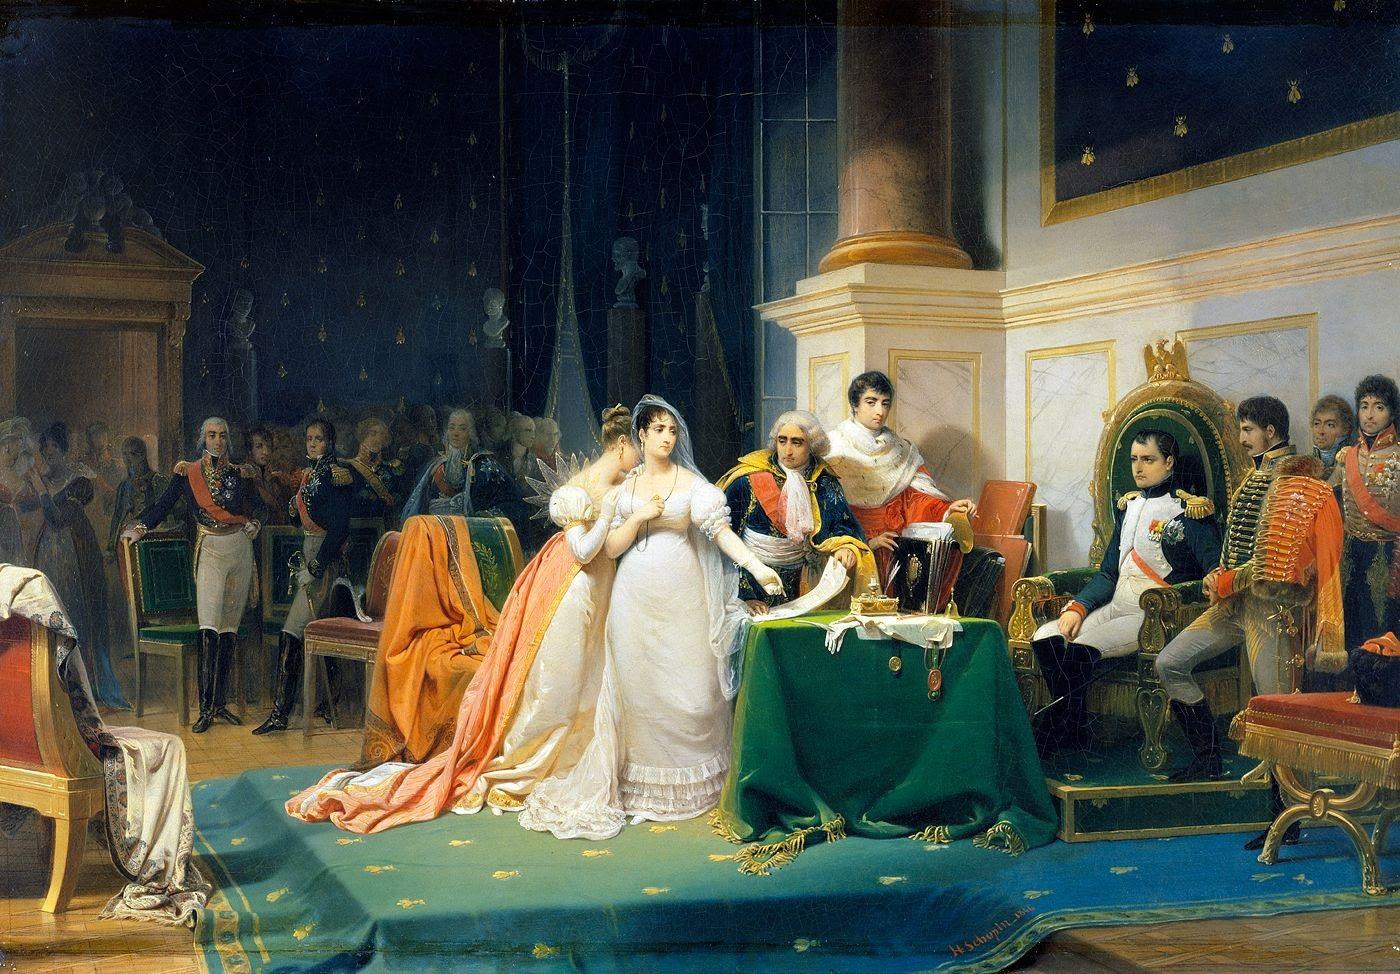 File:Le divorce de l'Impératrice Joséphine 15 décembre 1809 (Henri-Frederic Schopin).jpg